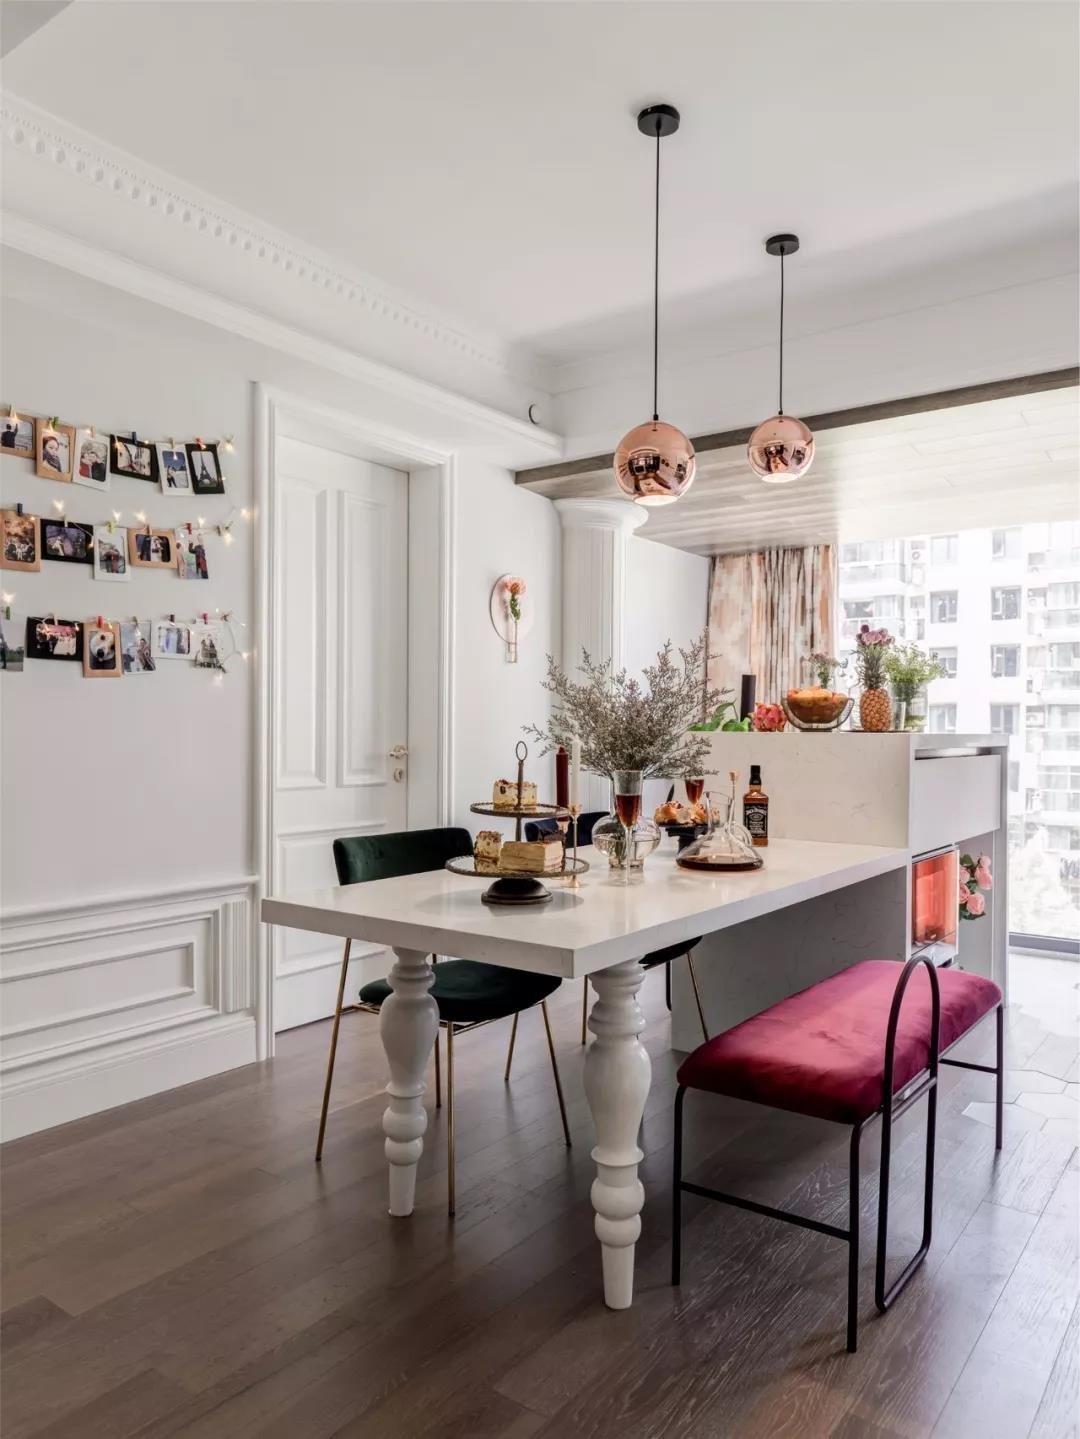 科达东御兰汀  法式轻奢三居室 116平13.9万装修案例